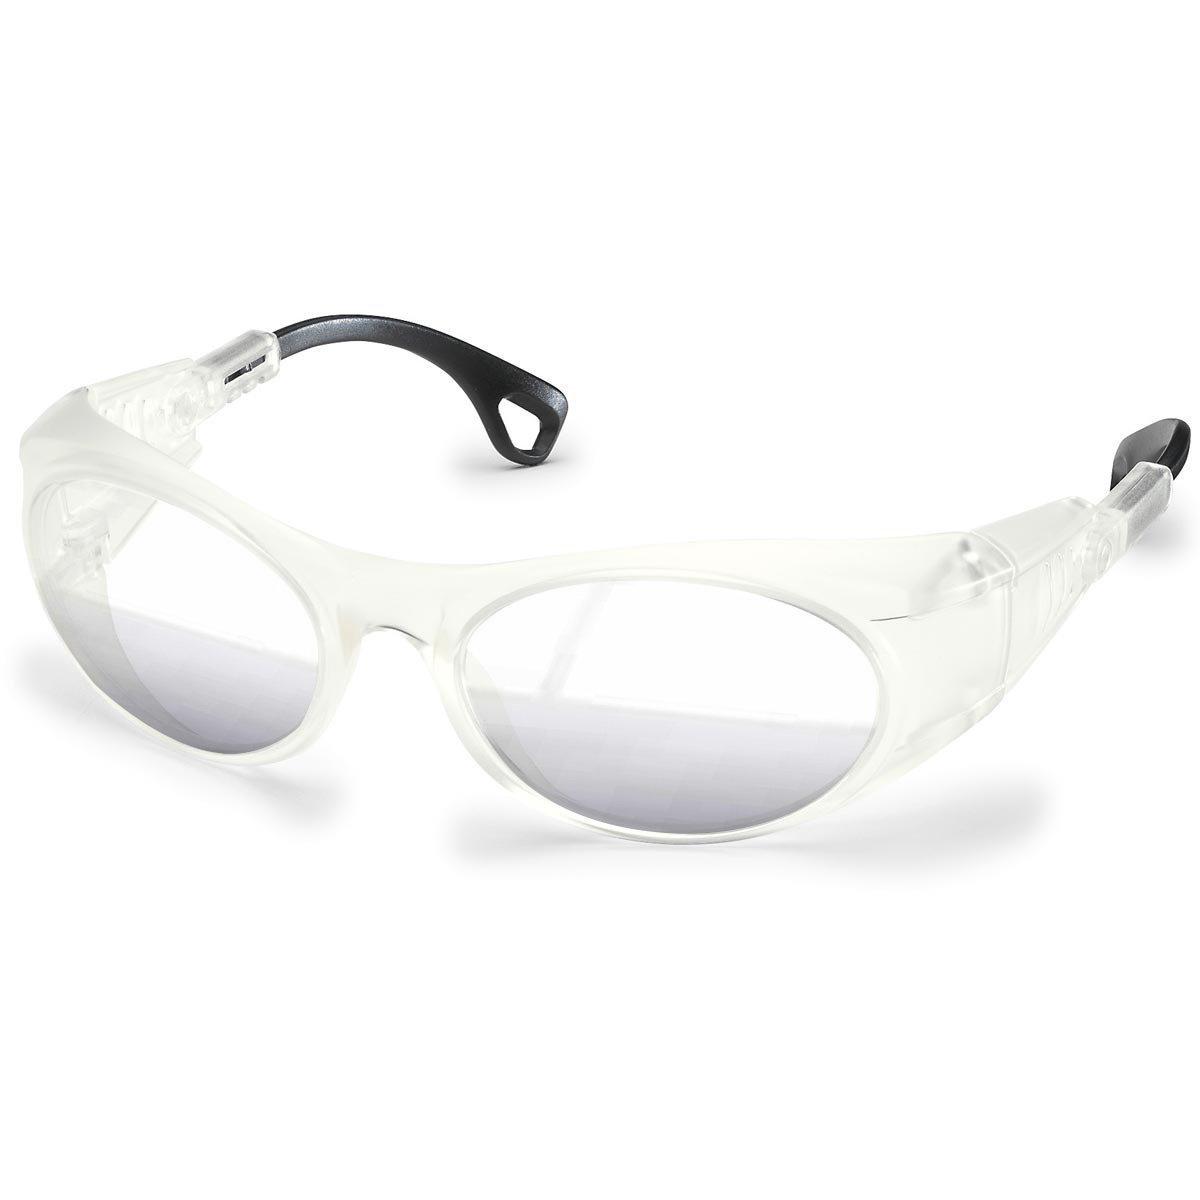 Uvex Korrektionsschutzbrille RX cd 5505 matt - UV blue protect